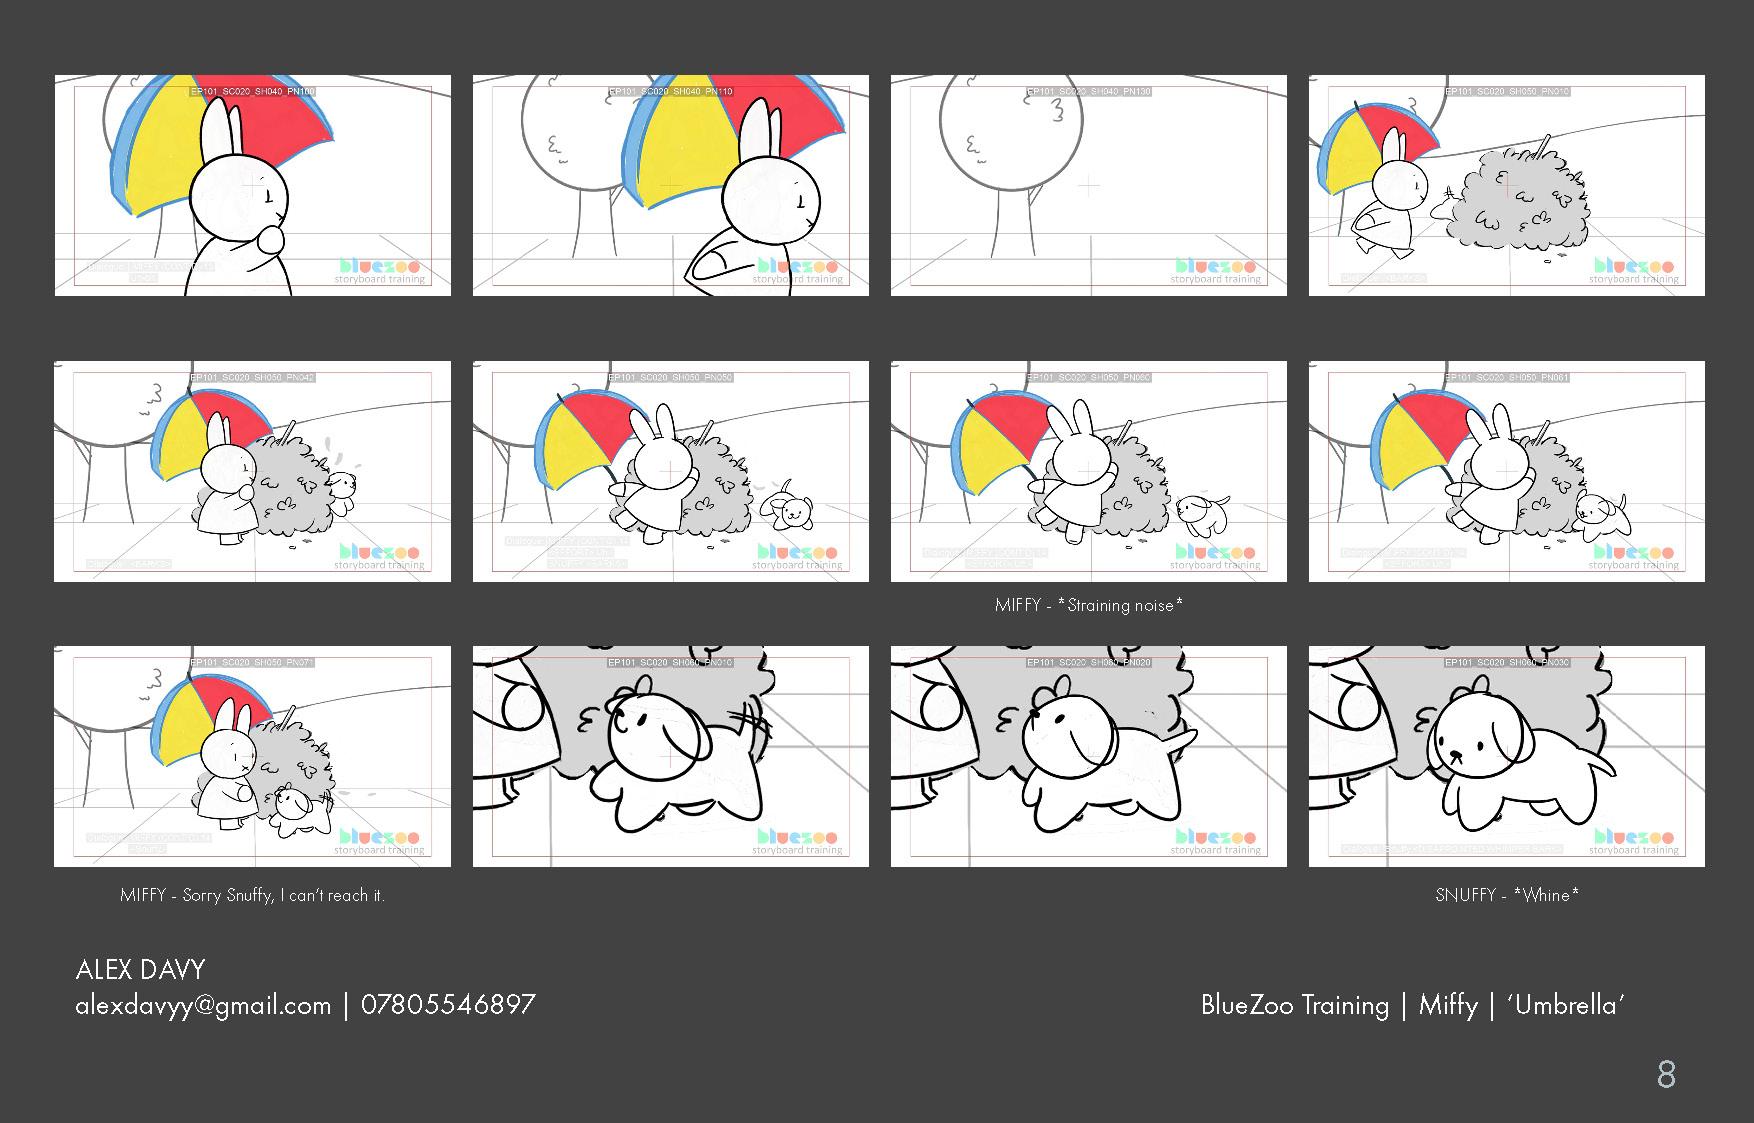 Miffy 8.jpg